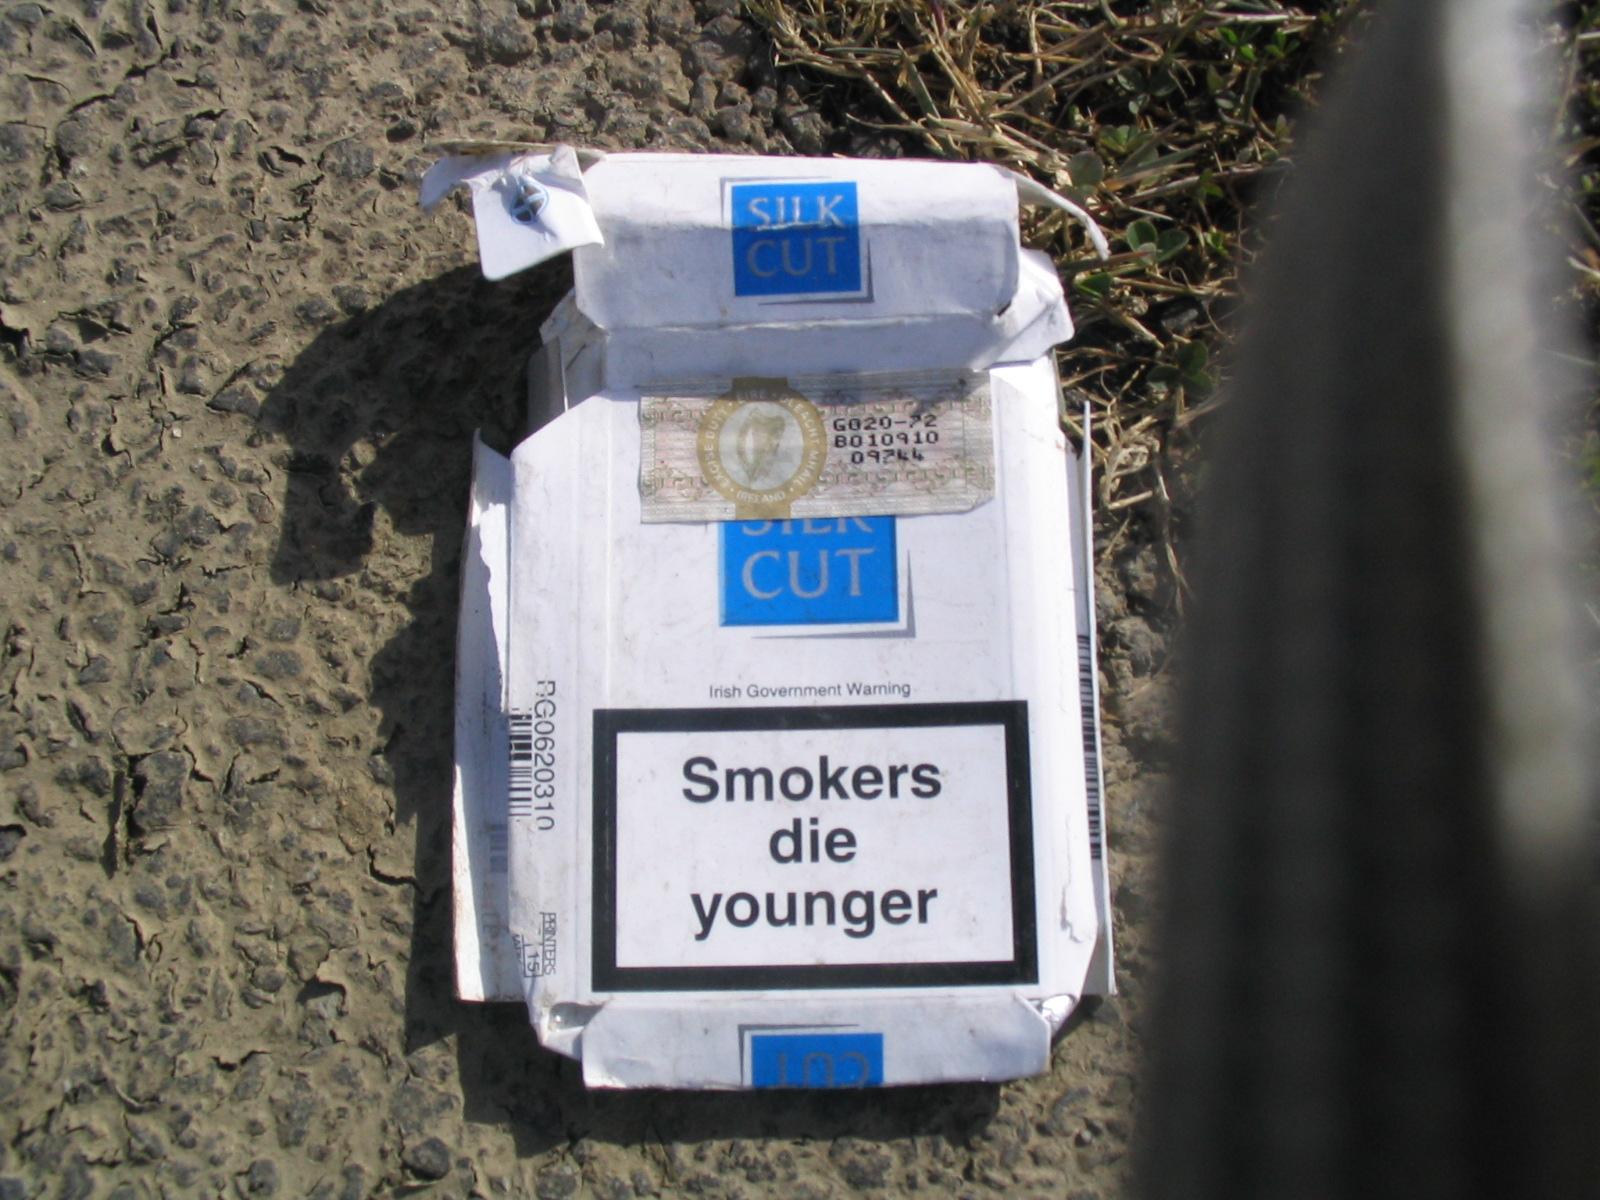 купить сигареты в ирландии